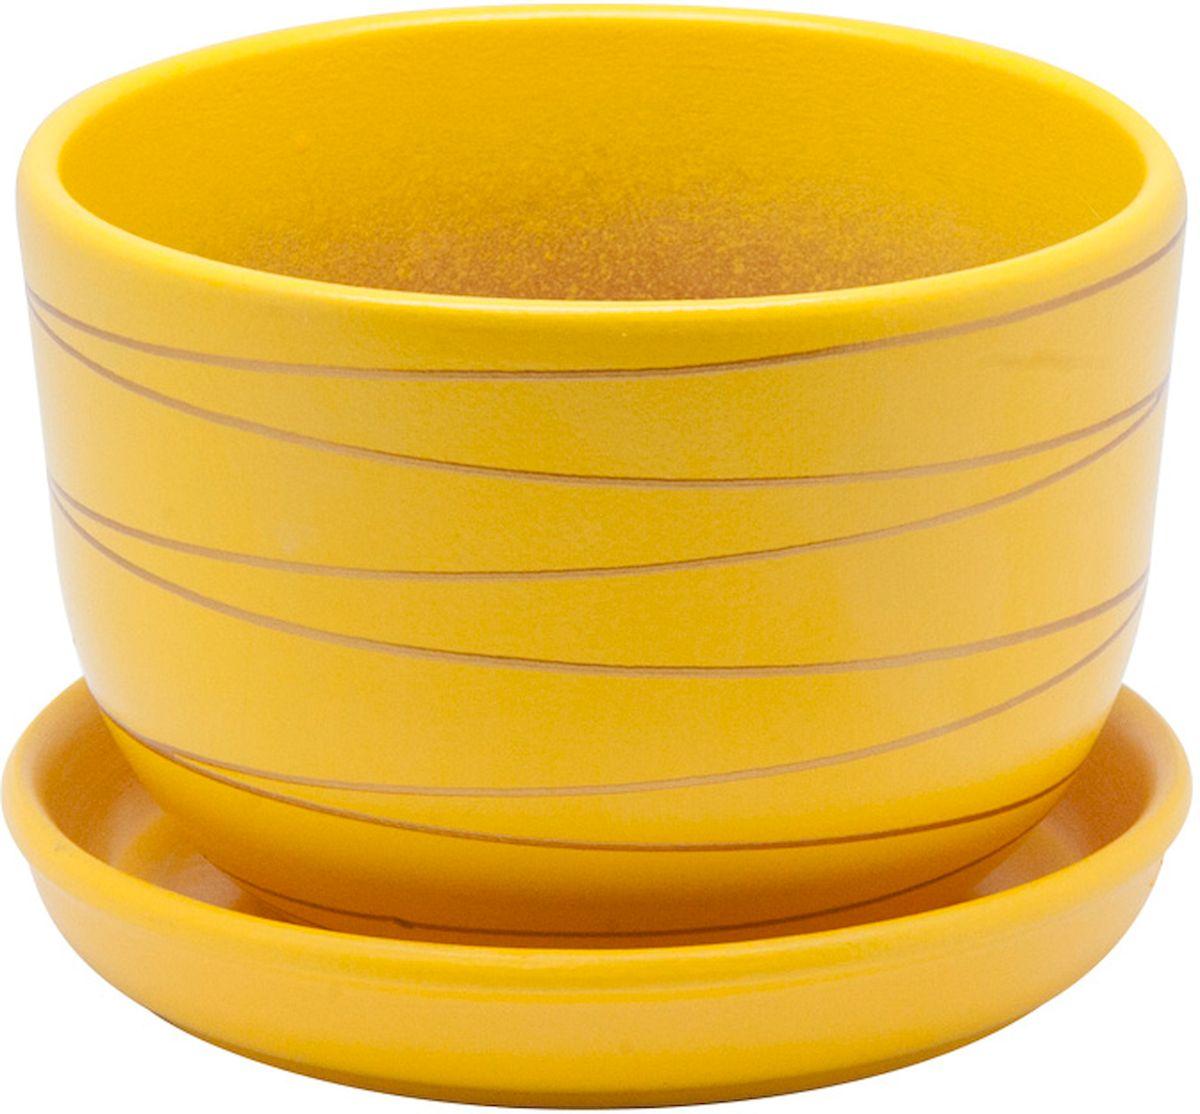 Горшок цветочный Engard, с поддоном, цвет: желтый, 2,4 л. BH-25-2531-402Керамический горшок - это идеальное решение для выращивания комнатных растений и создания изысканности в интерьере. Керамический горшок сделан из высококачественной глины в классической форме и оригинальном дизайне.